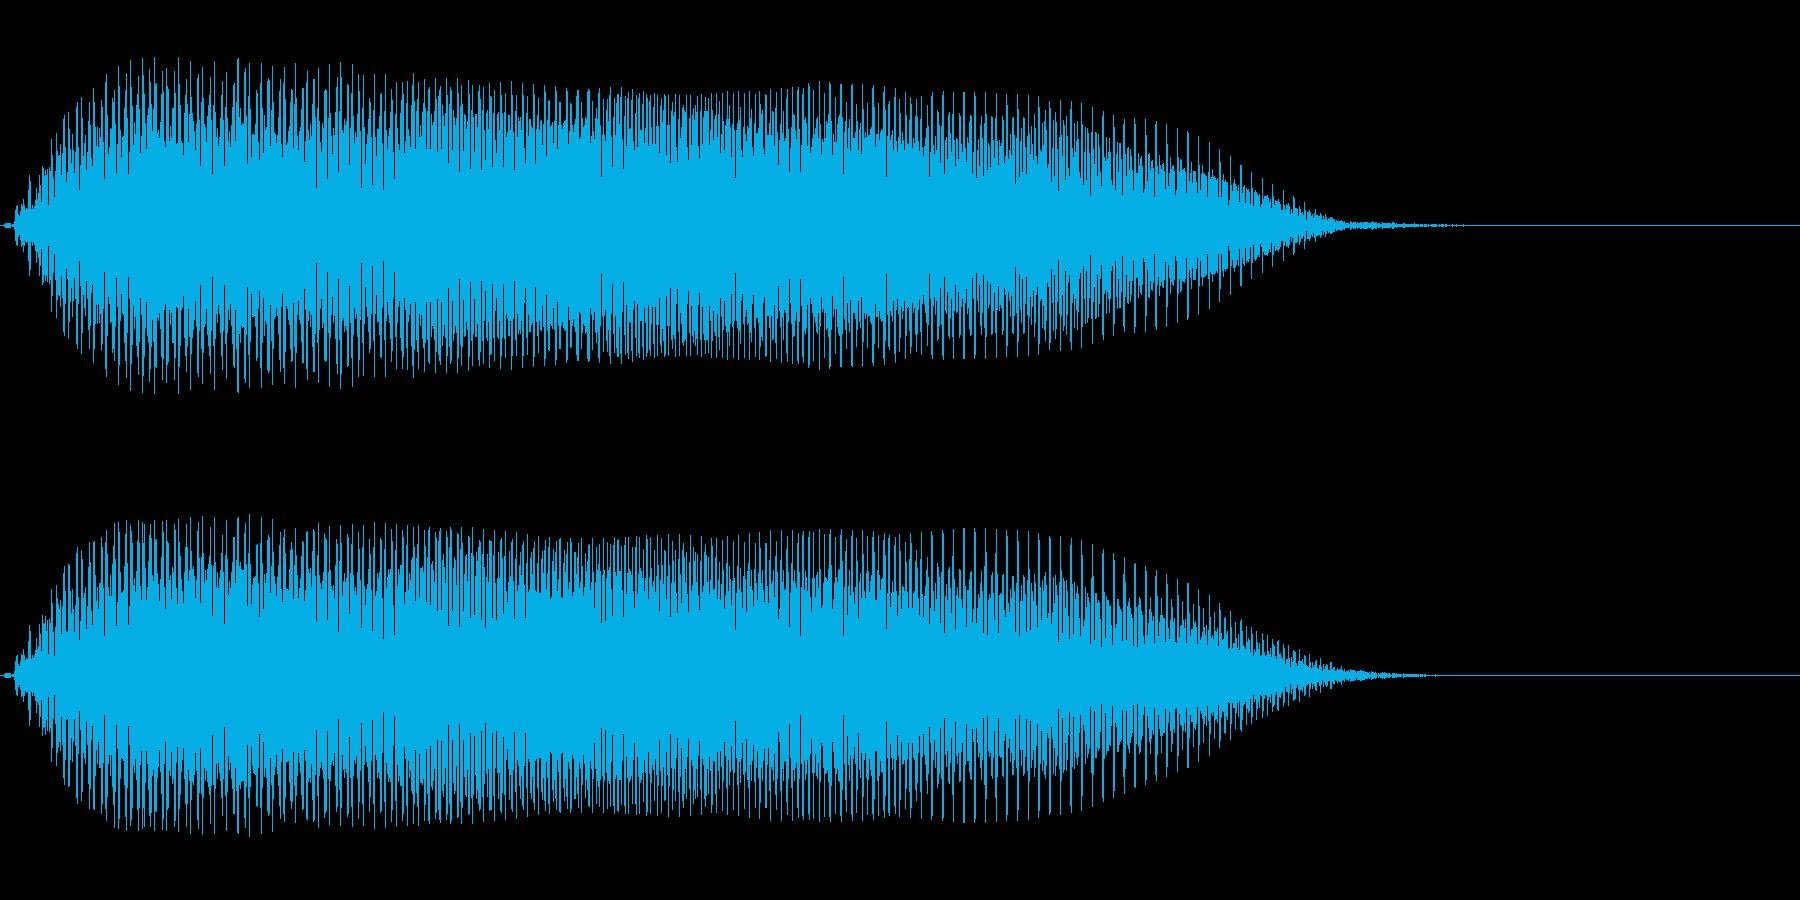 ビューン(飛行機の過ぎ去る音)の再生済みの波形